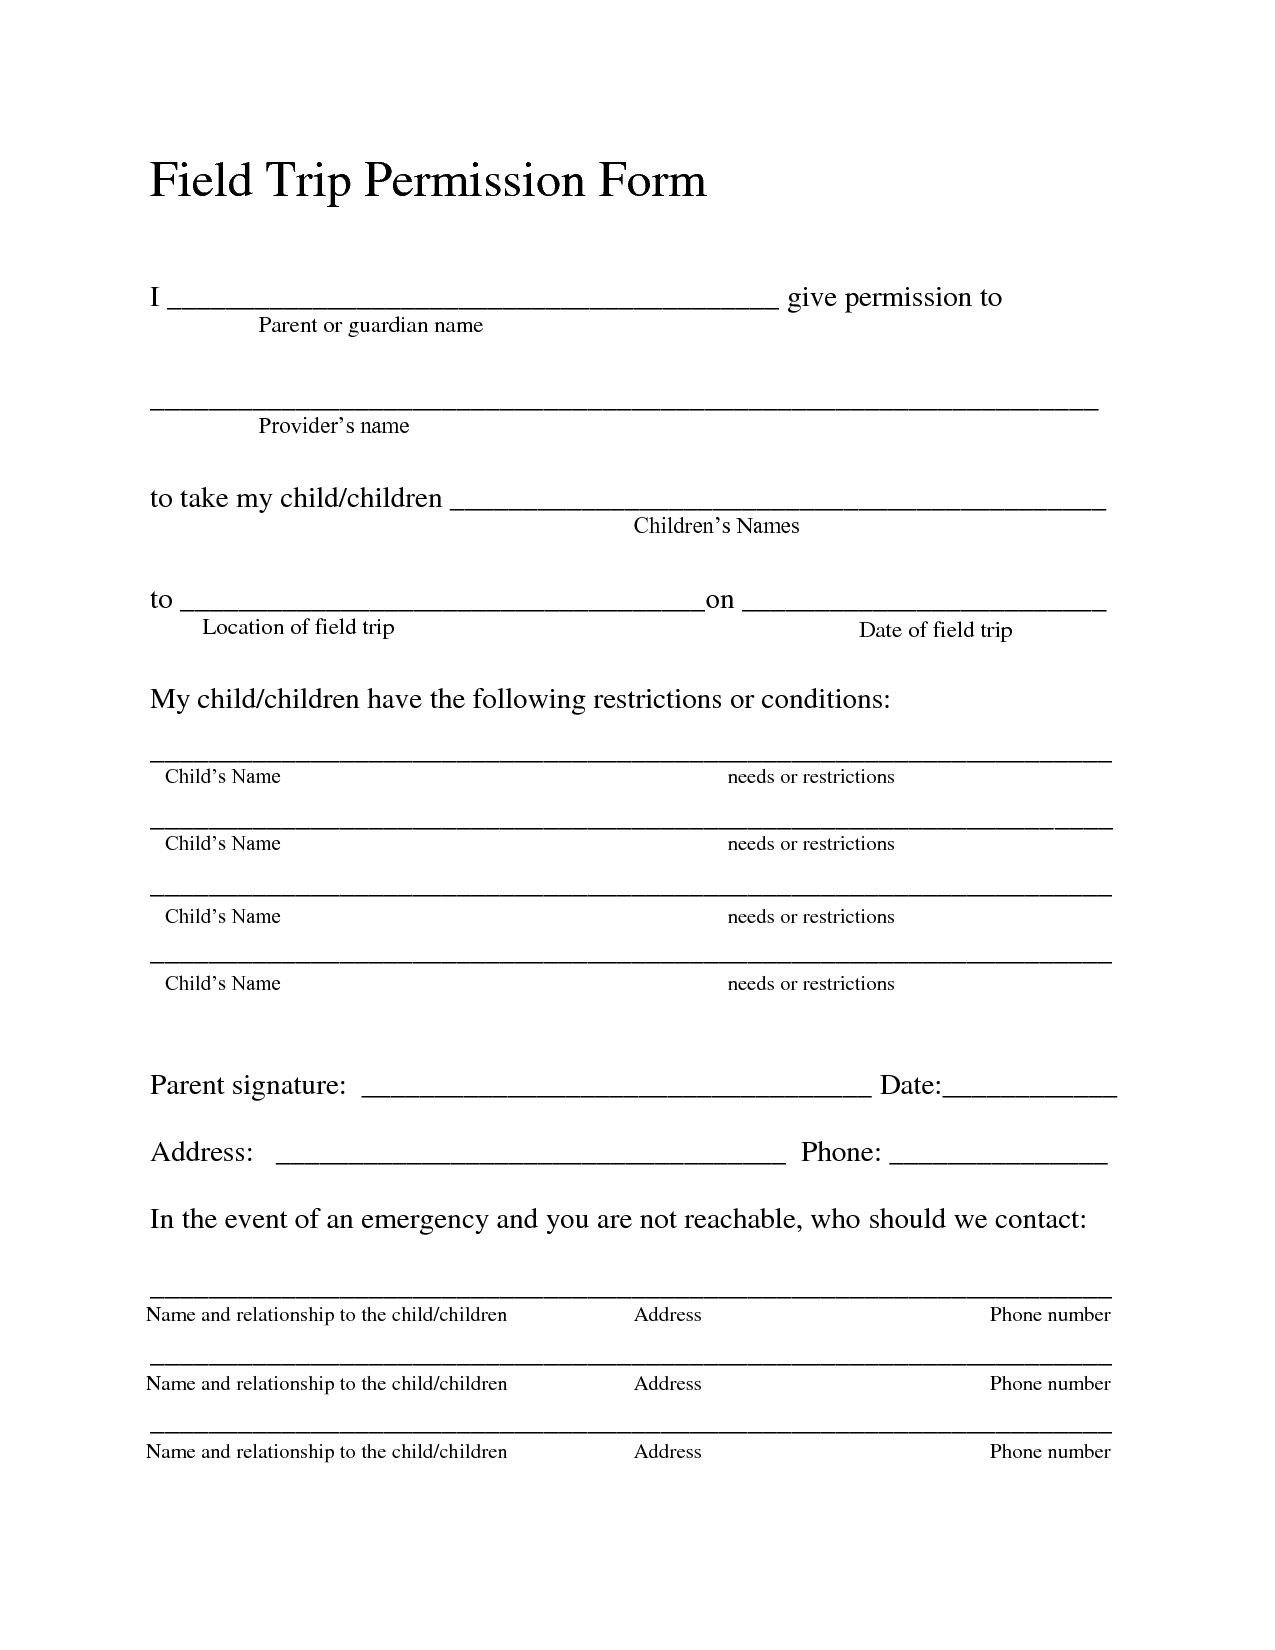 Field Trip Permission Forms Field Trip Permission Slip Field Trip